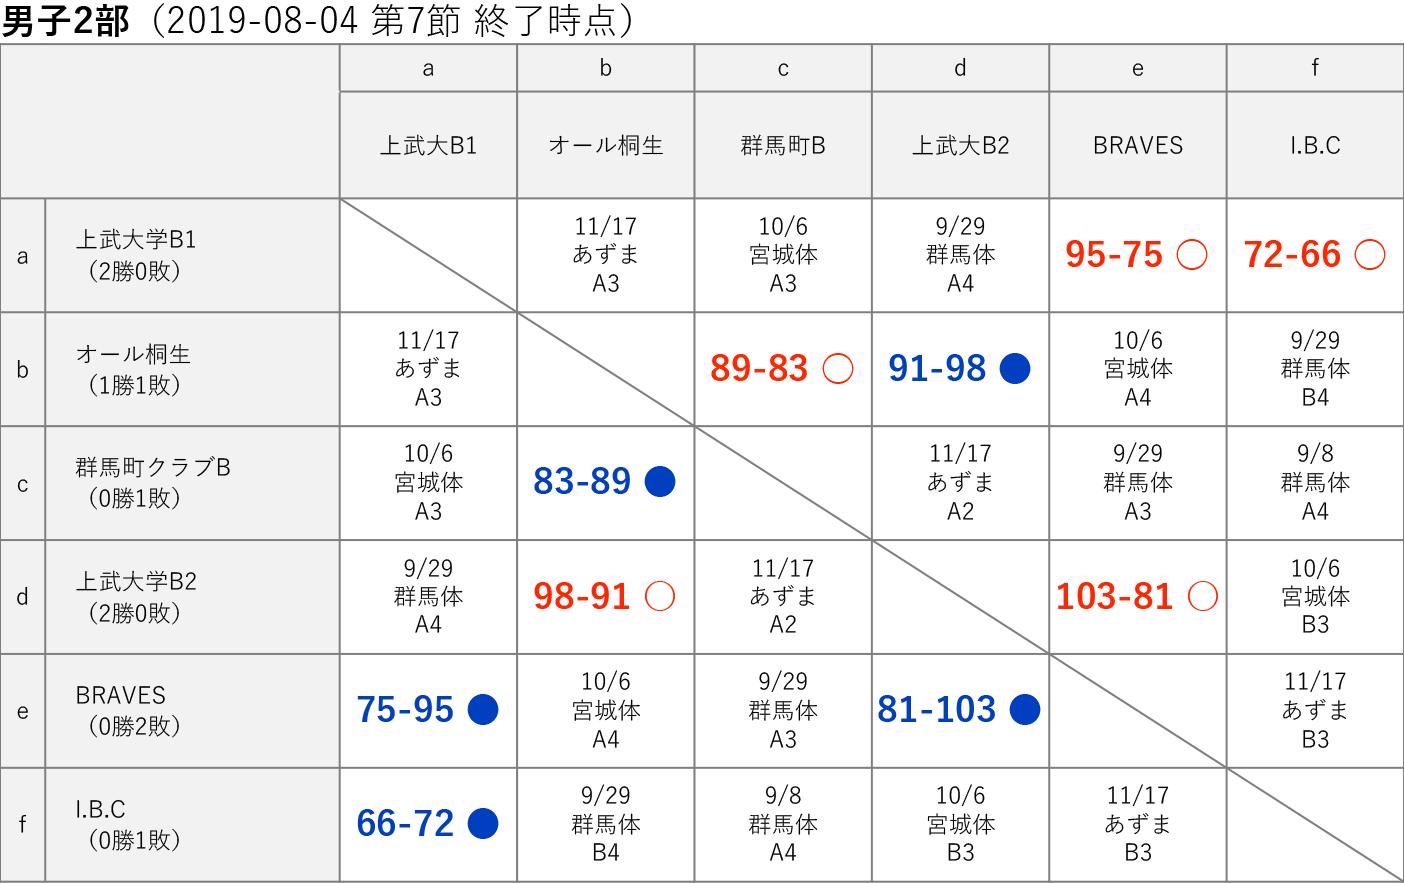 男子2部 星取り表 2019-08-04